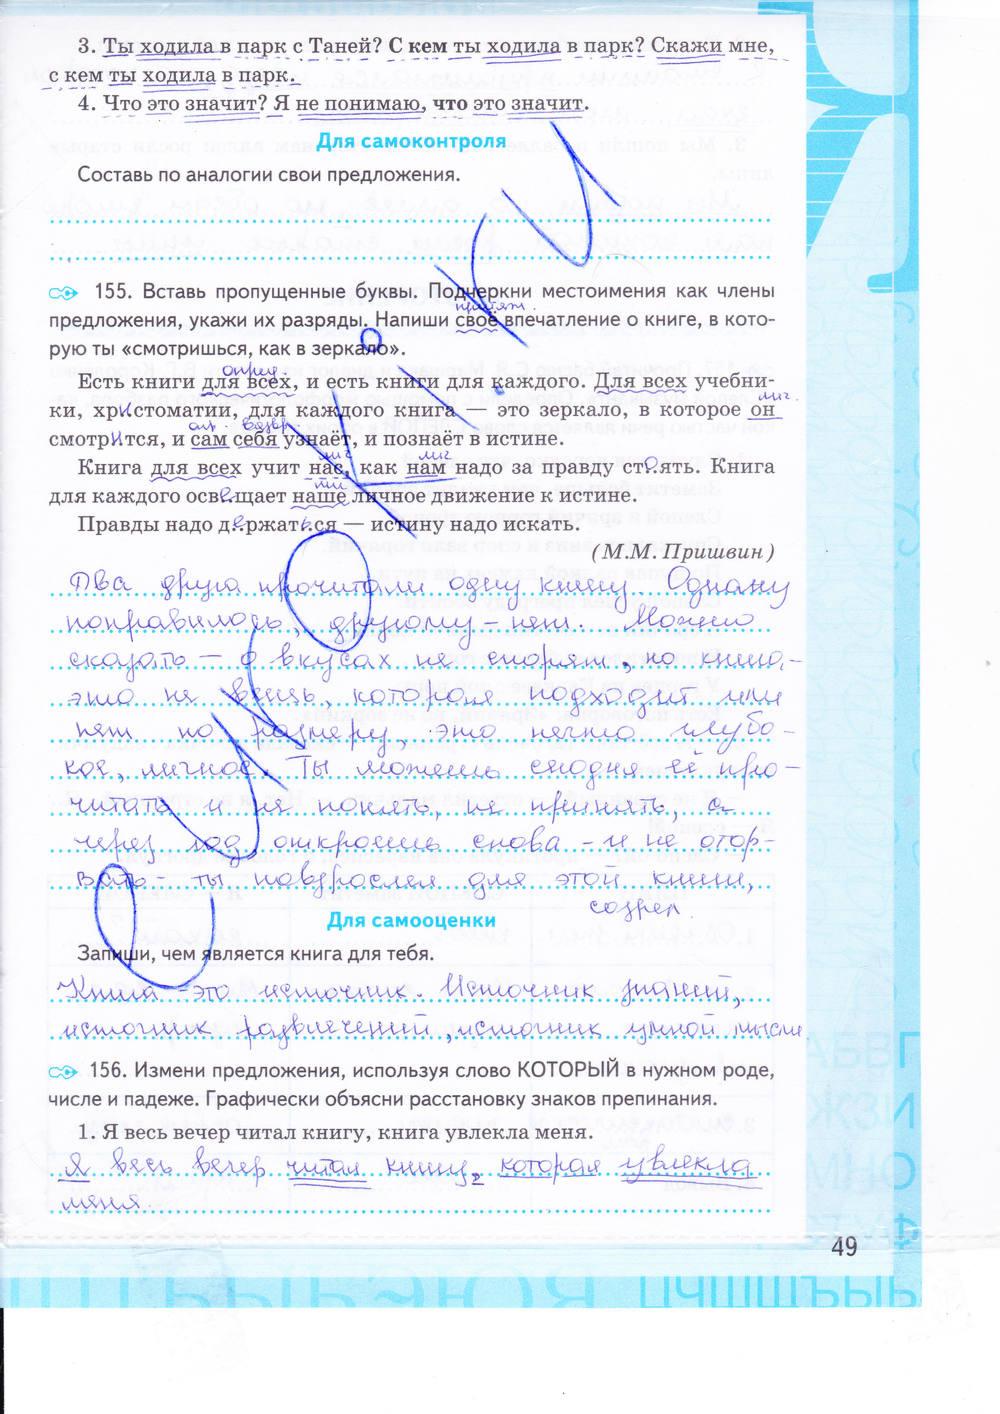 Гдз по русскому языку 6 класс рабочая тетрадь дейкина невская